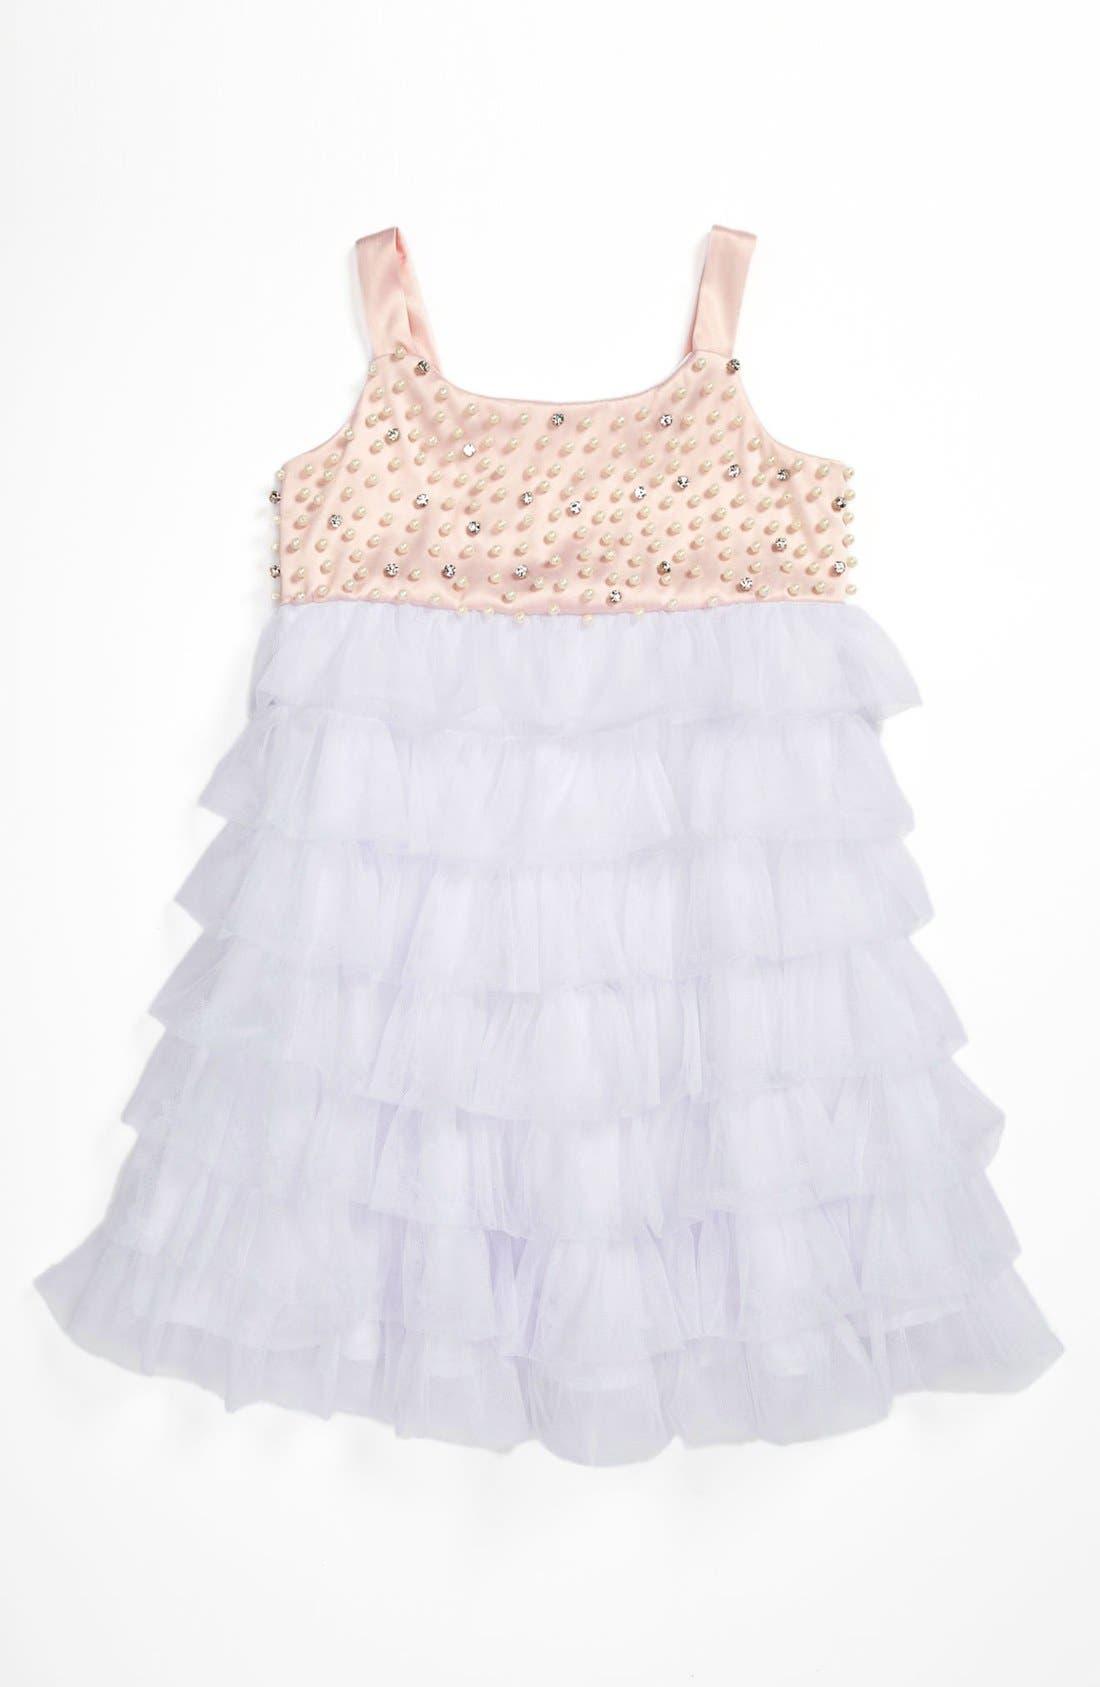 Alternate Image 1 Selected - La Piccola Danza Kidswear Beaded Bodice Dress (Little Girls)